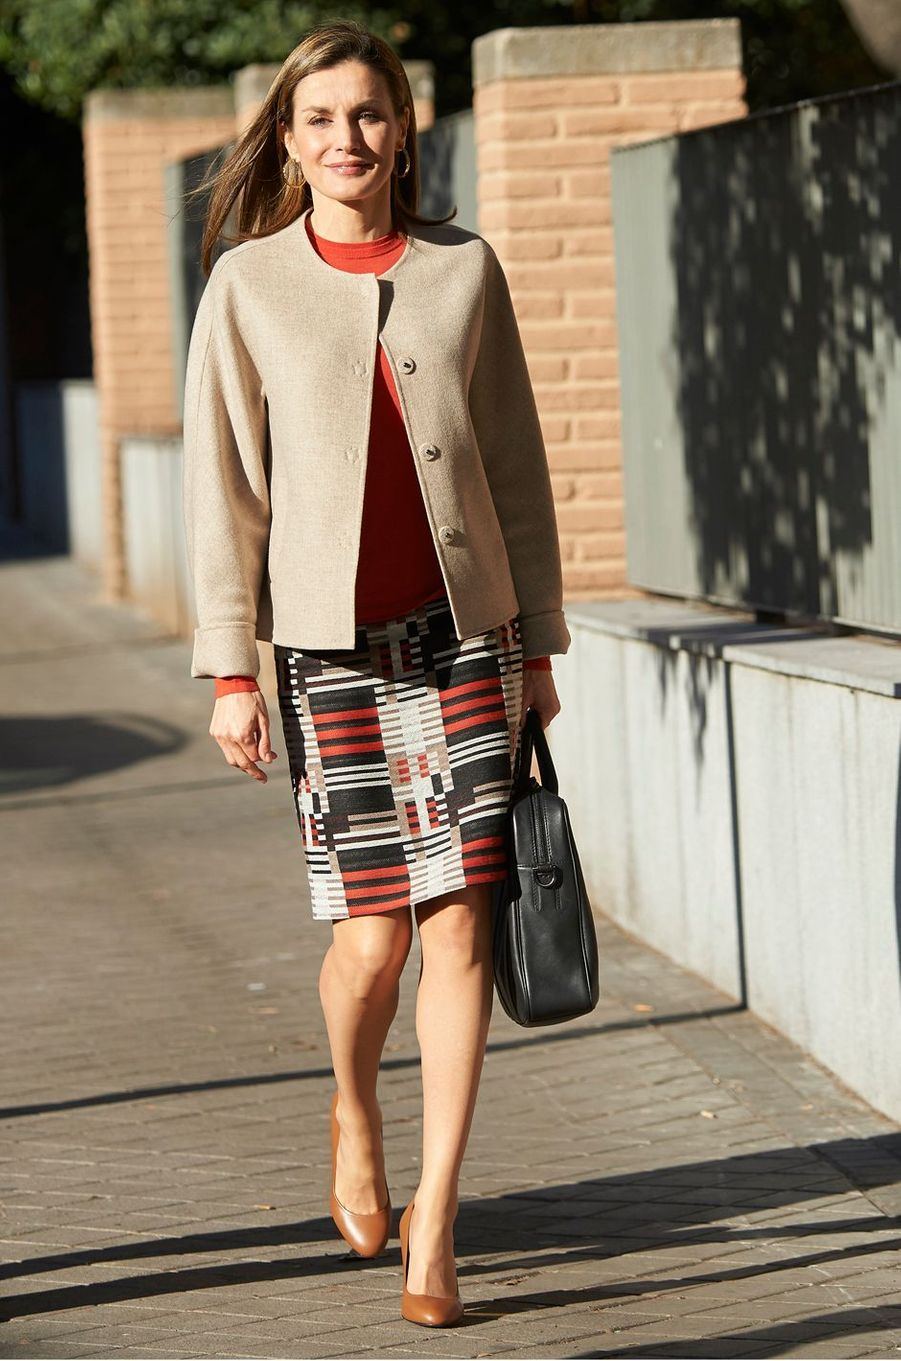 La reine Letizia d'Espagne dans une jupe Hugo Boss le 12 janvier 2017